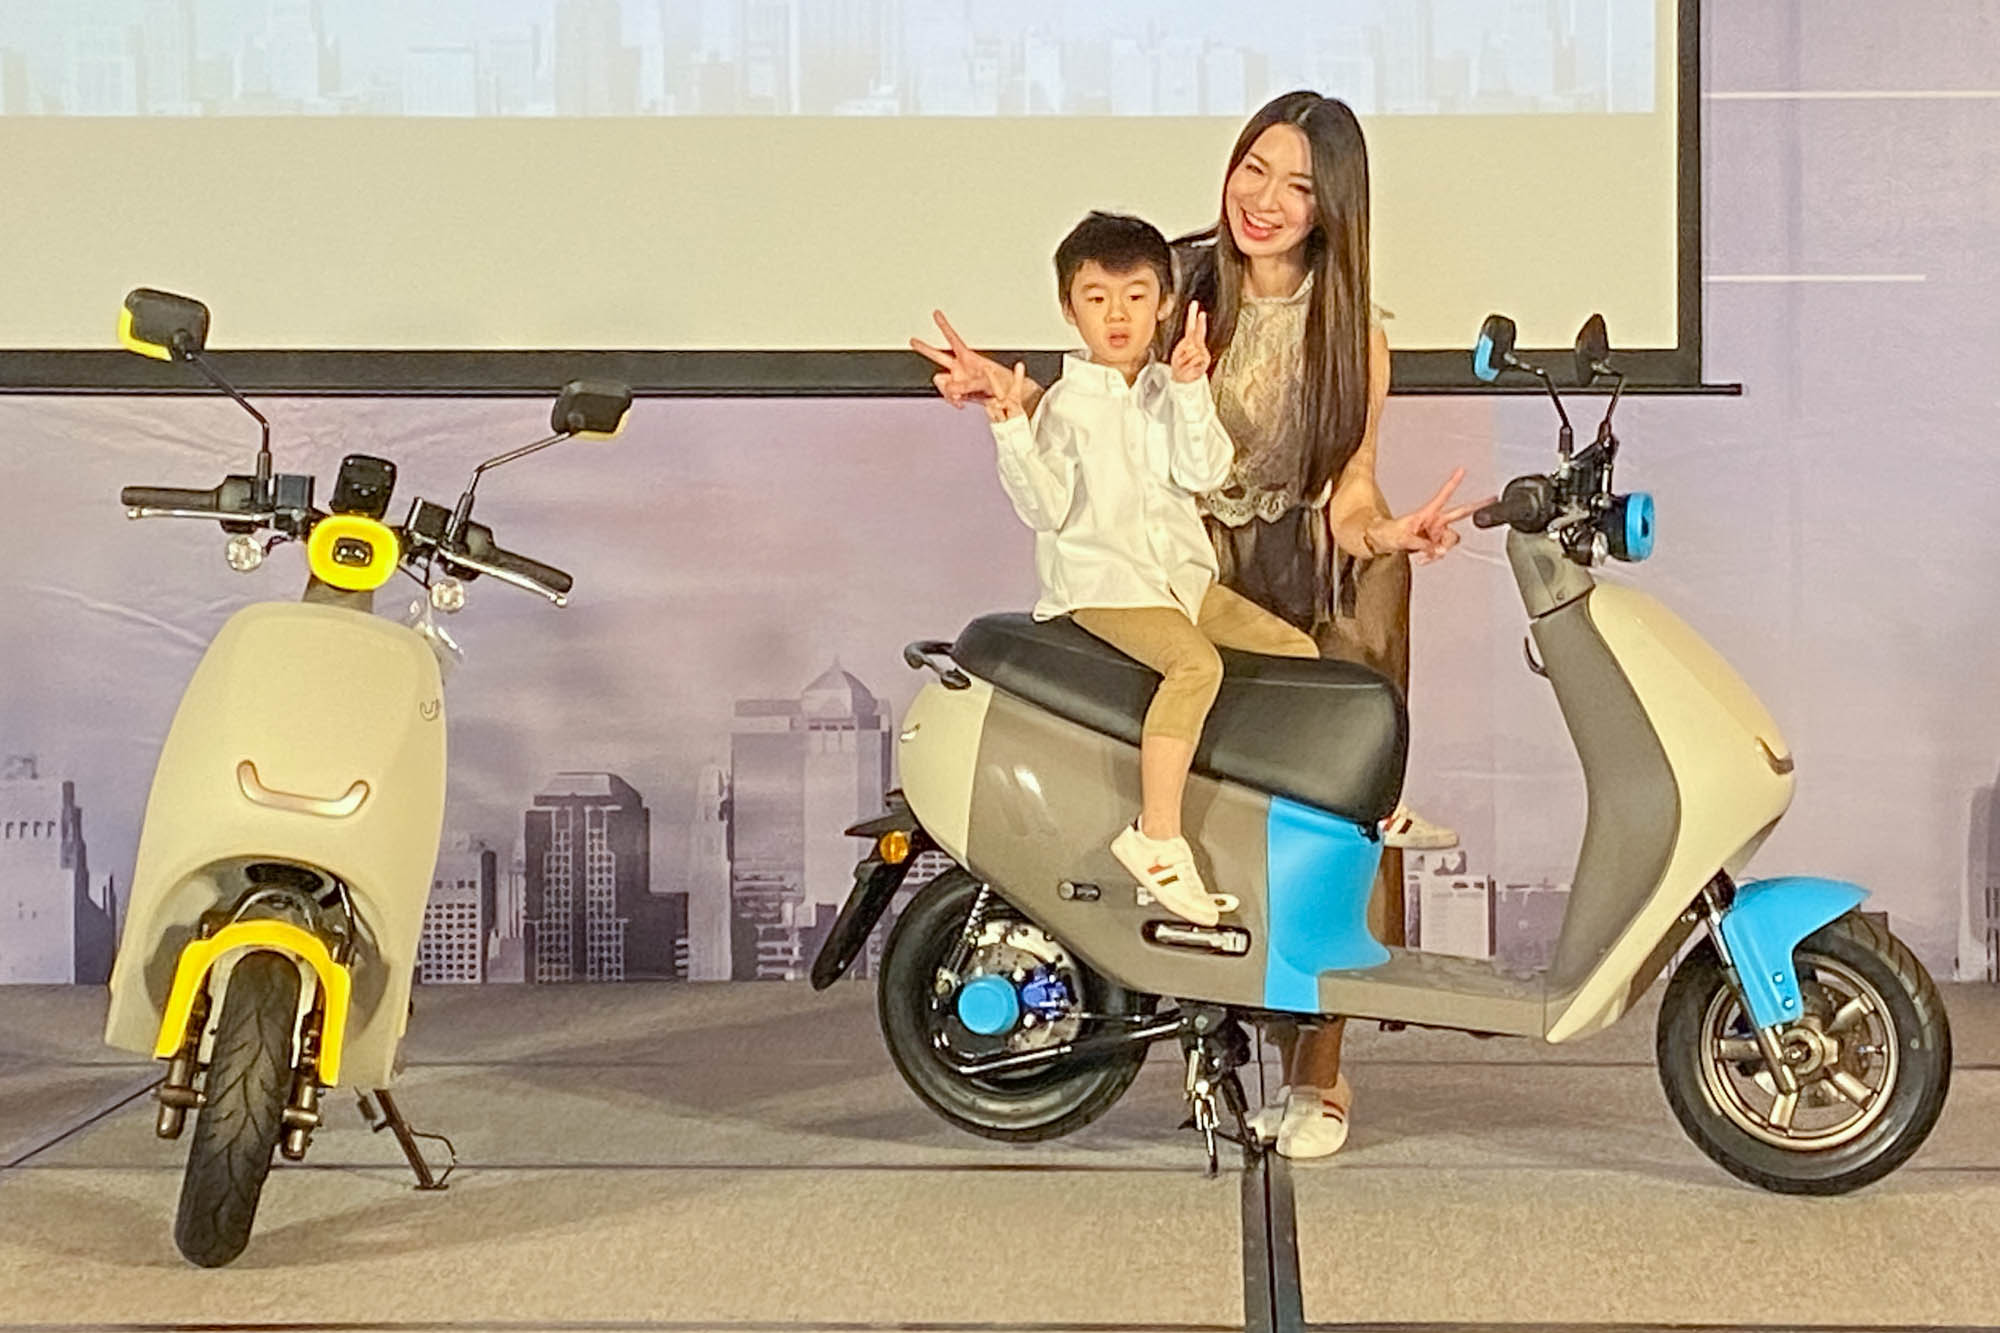 僅有 82kg 車重與超省力中柱設計,相當適合女性騎士騎乘,媽媽騎車載小孩更是相當適合!